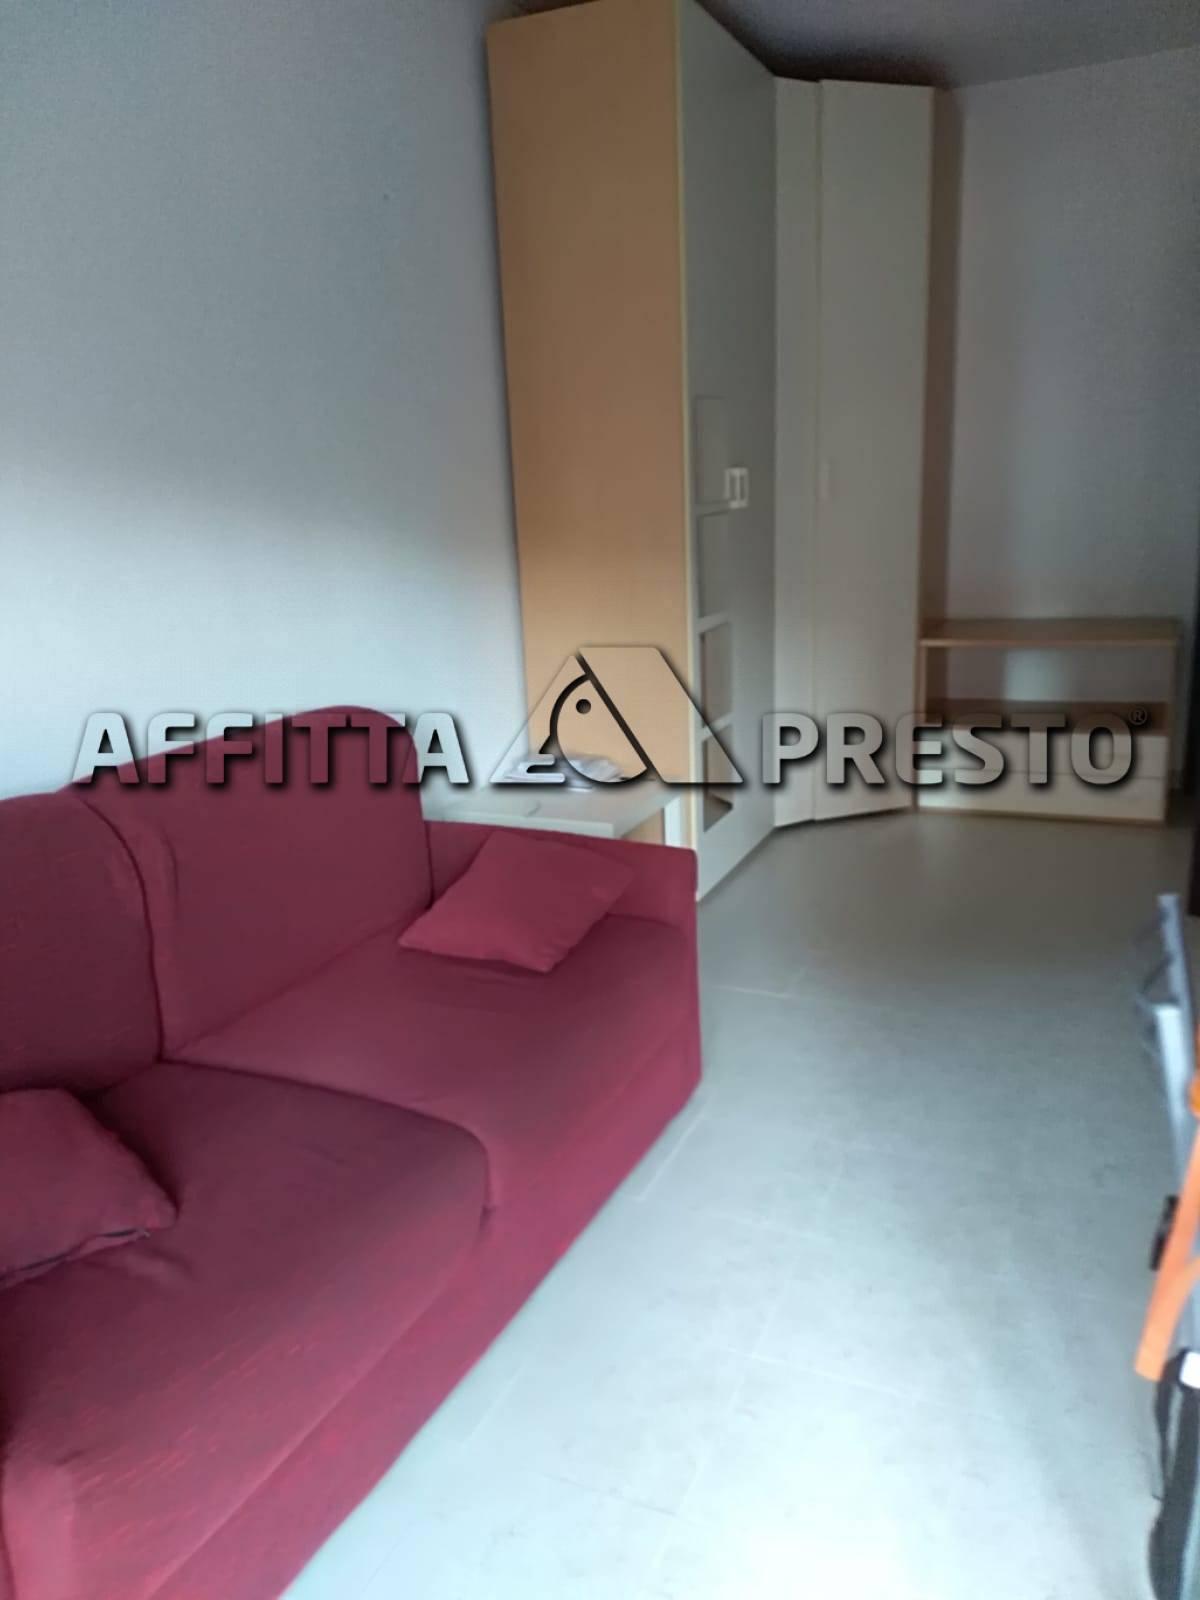 Appartamento in affitto a Pisa, 1 locali, zona Località: Riglione, prezzo € 430 | CambioCasa.it